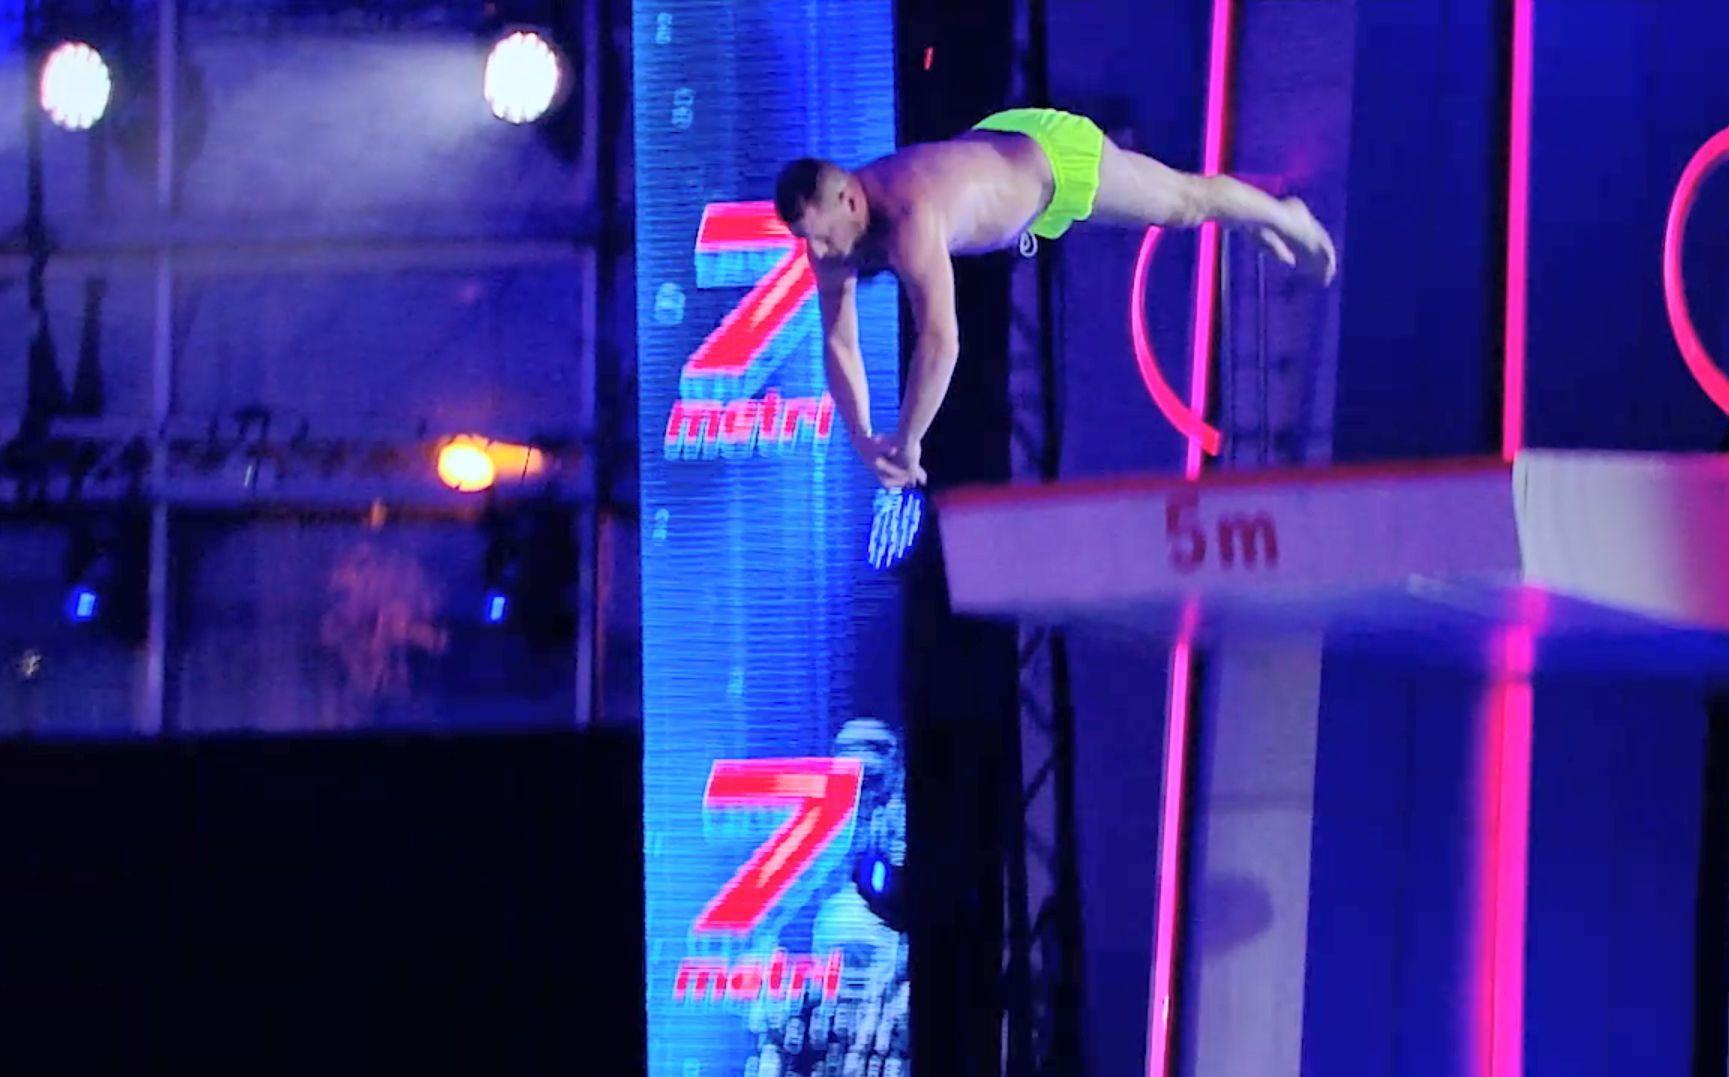 Splash! Vedete la apă, 28 august 2021. Sonny Medini, săritură spectaculoasă de la 7 metri. A fost apreciat de juriu